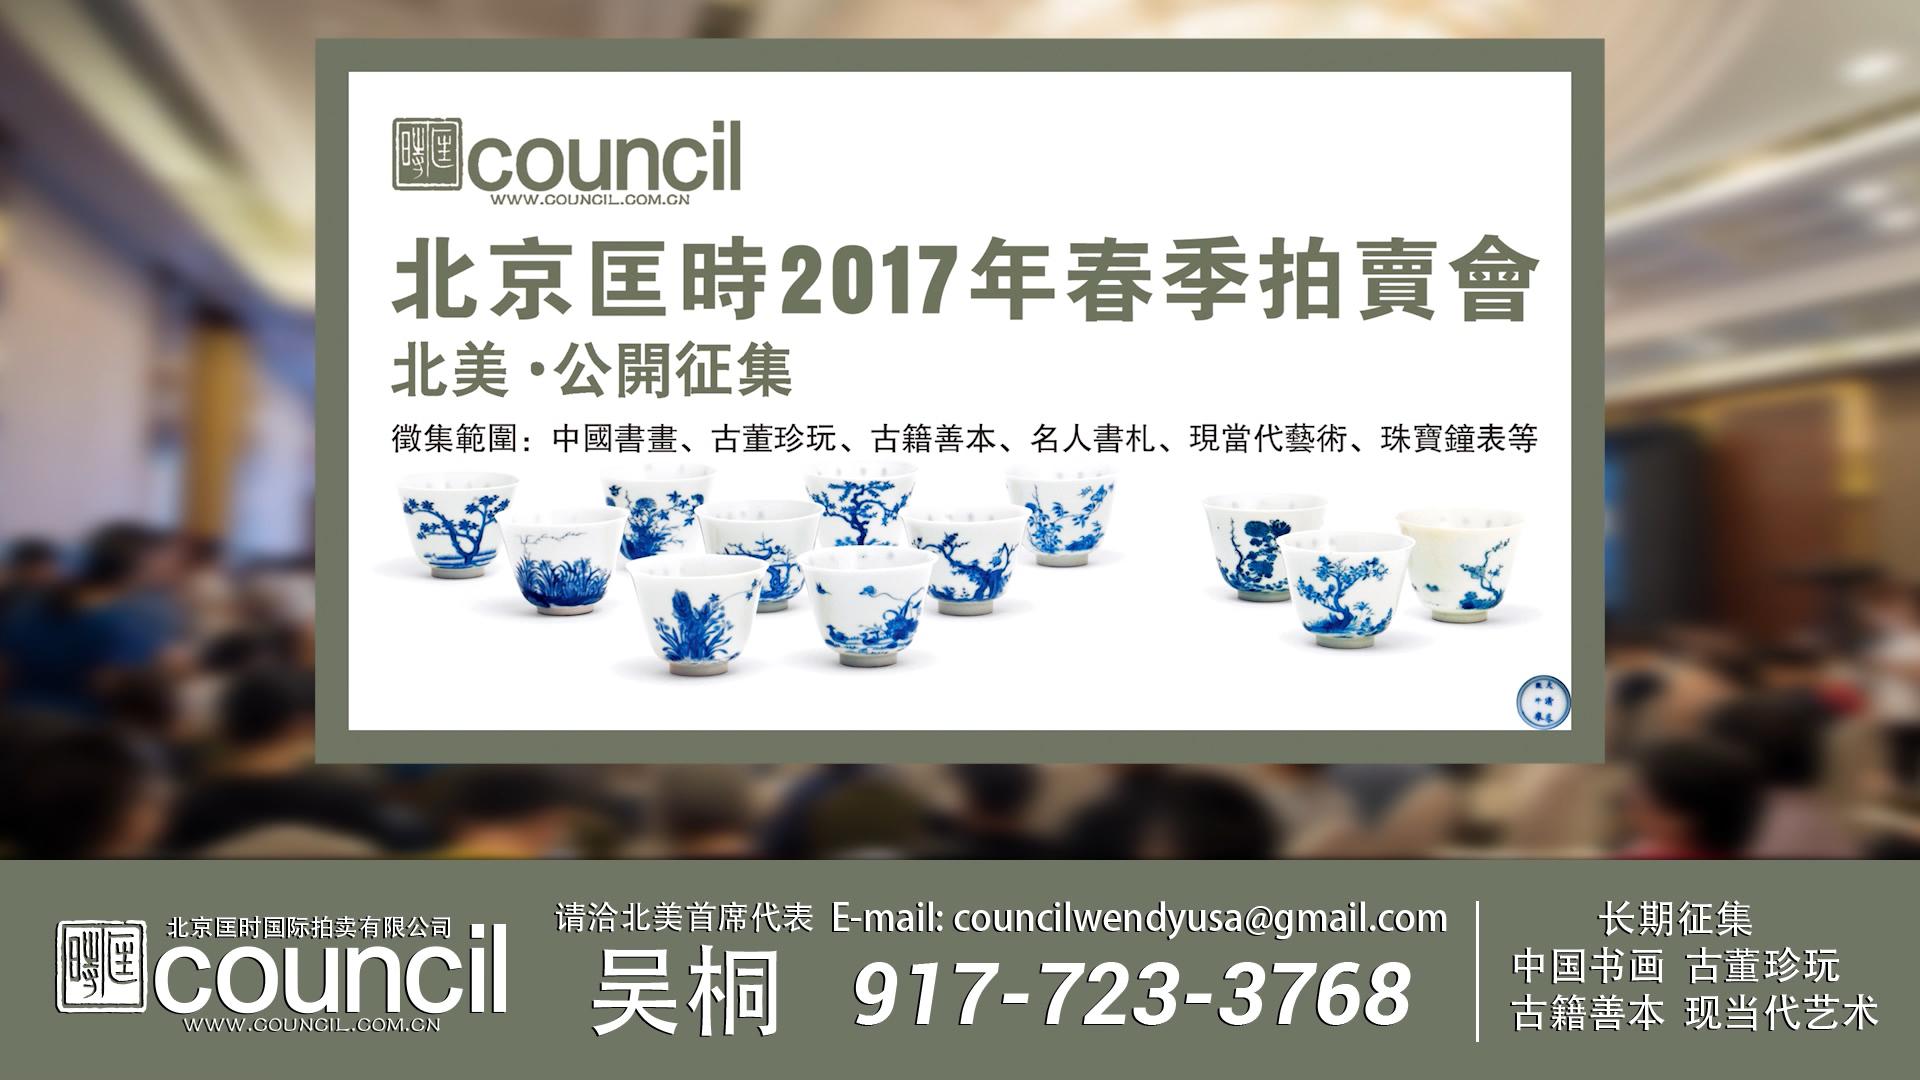 【视频】匡时国际拍卖将举办2017纽约春季征集会